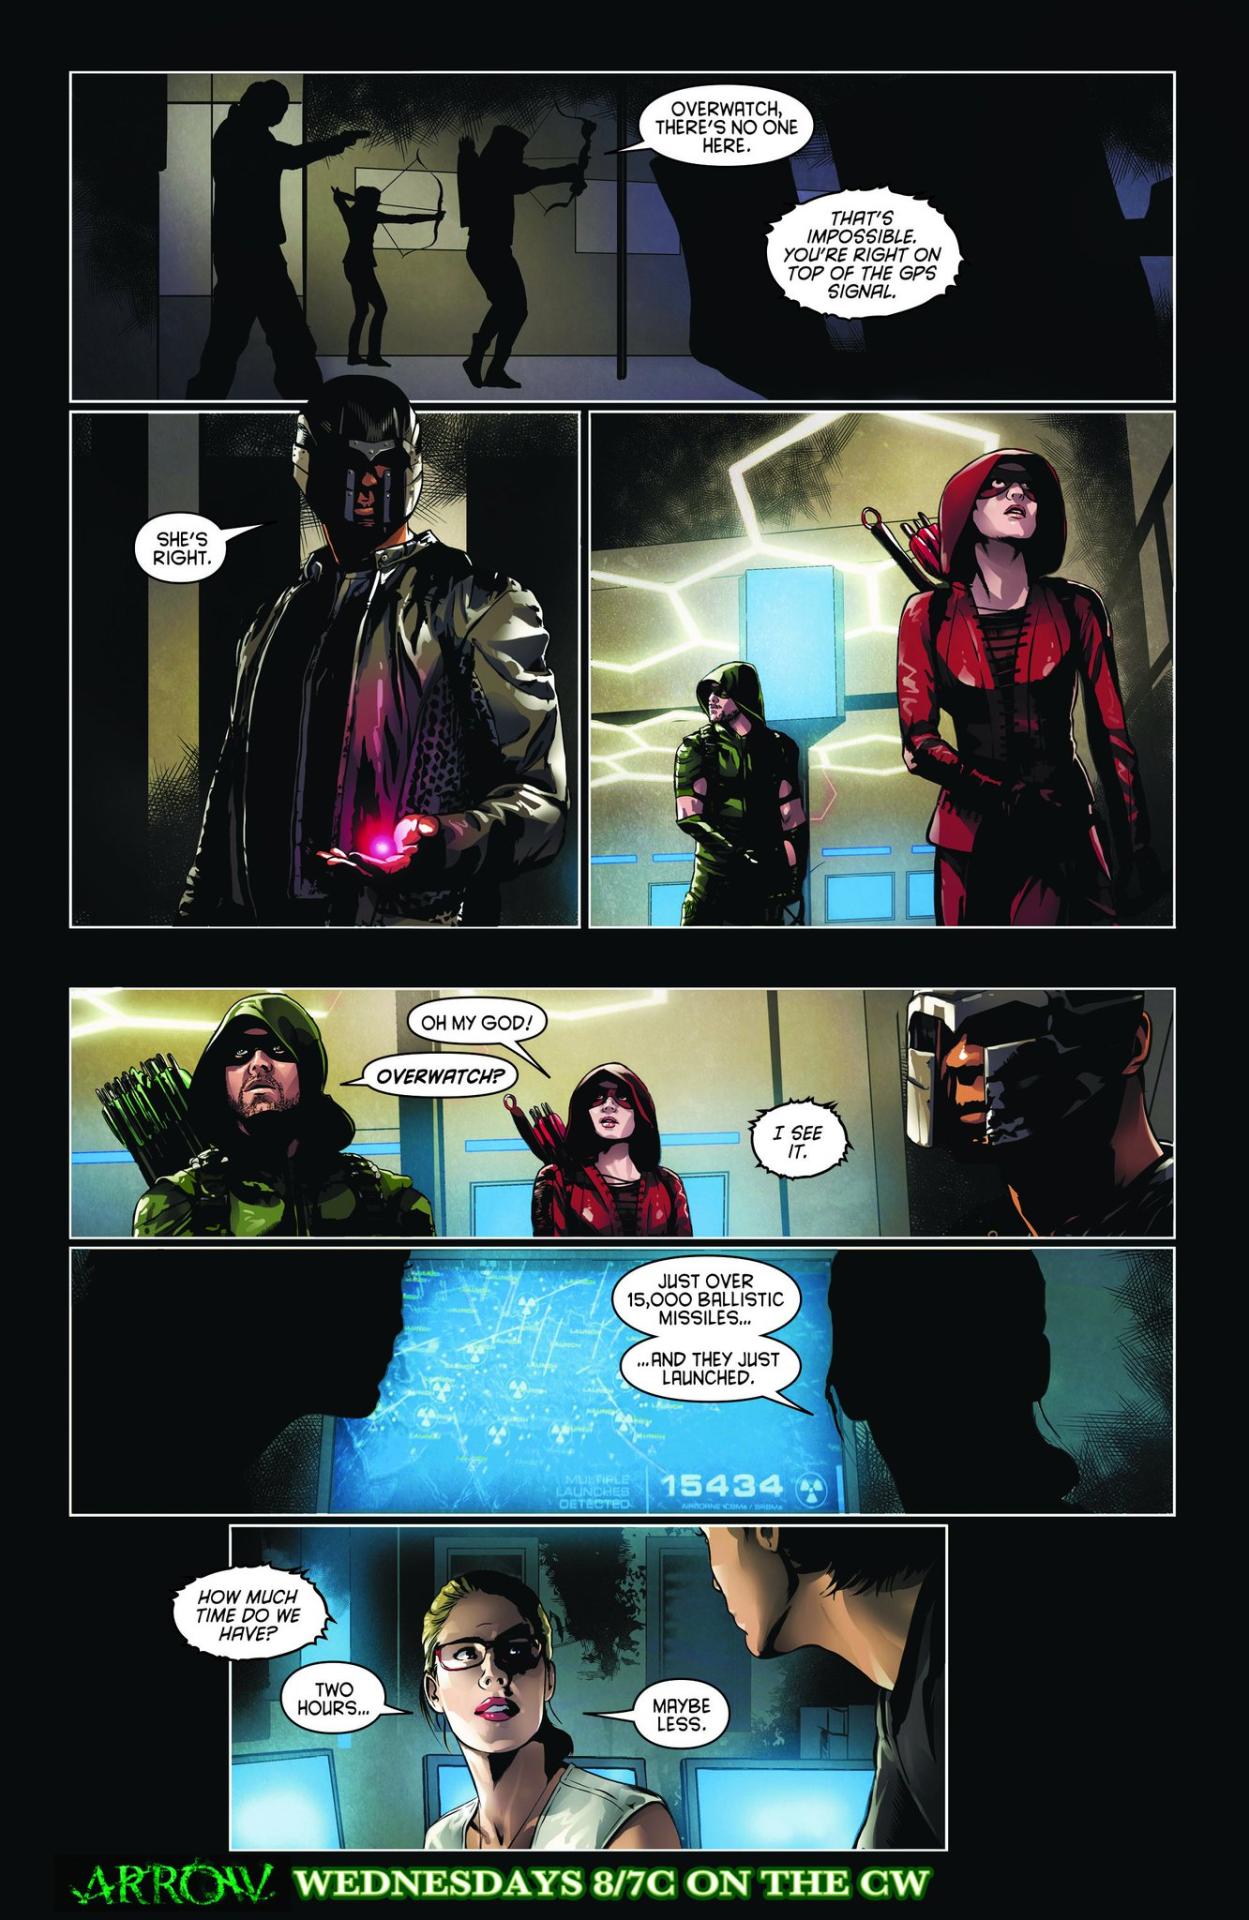 Arrow comic sneak peek - Schism.png